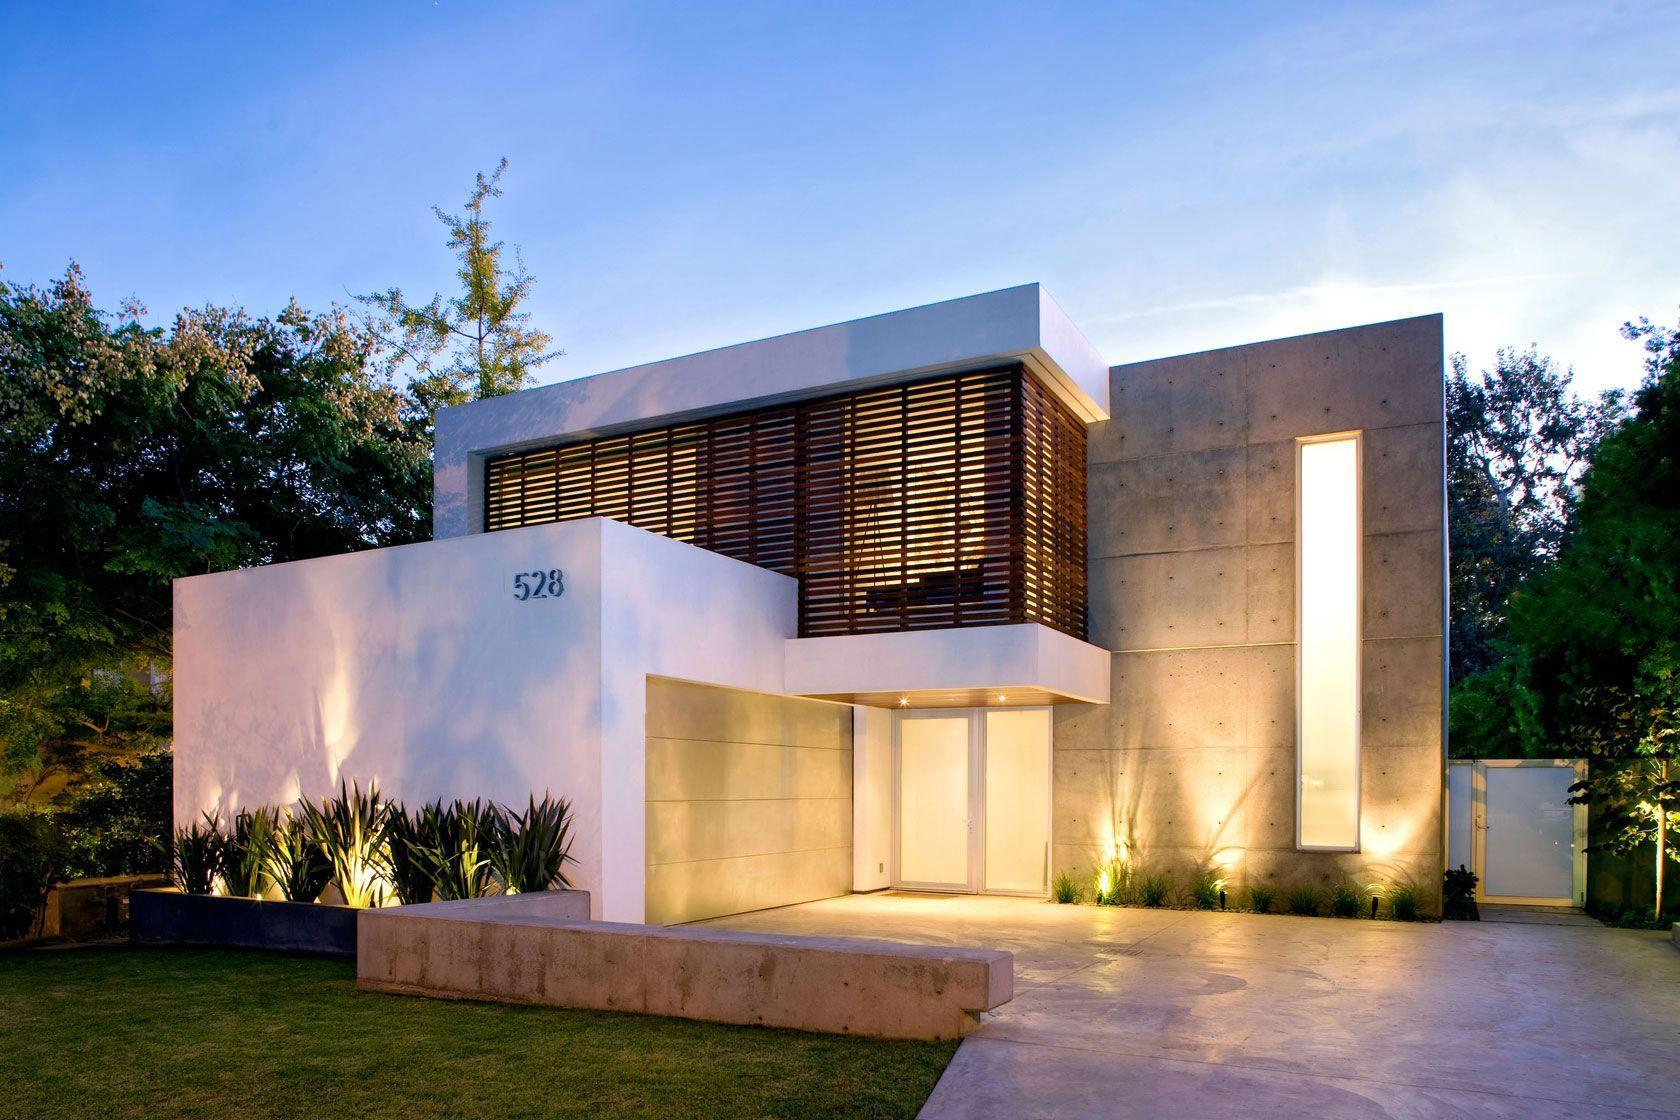 fachada de casa modernas de dos pisos con hormign y madera